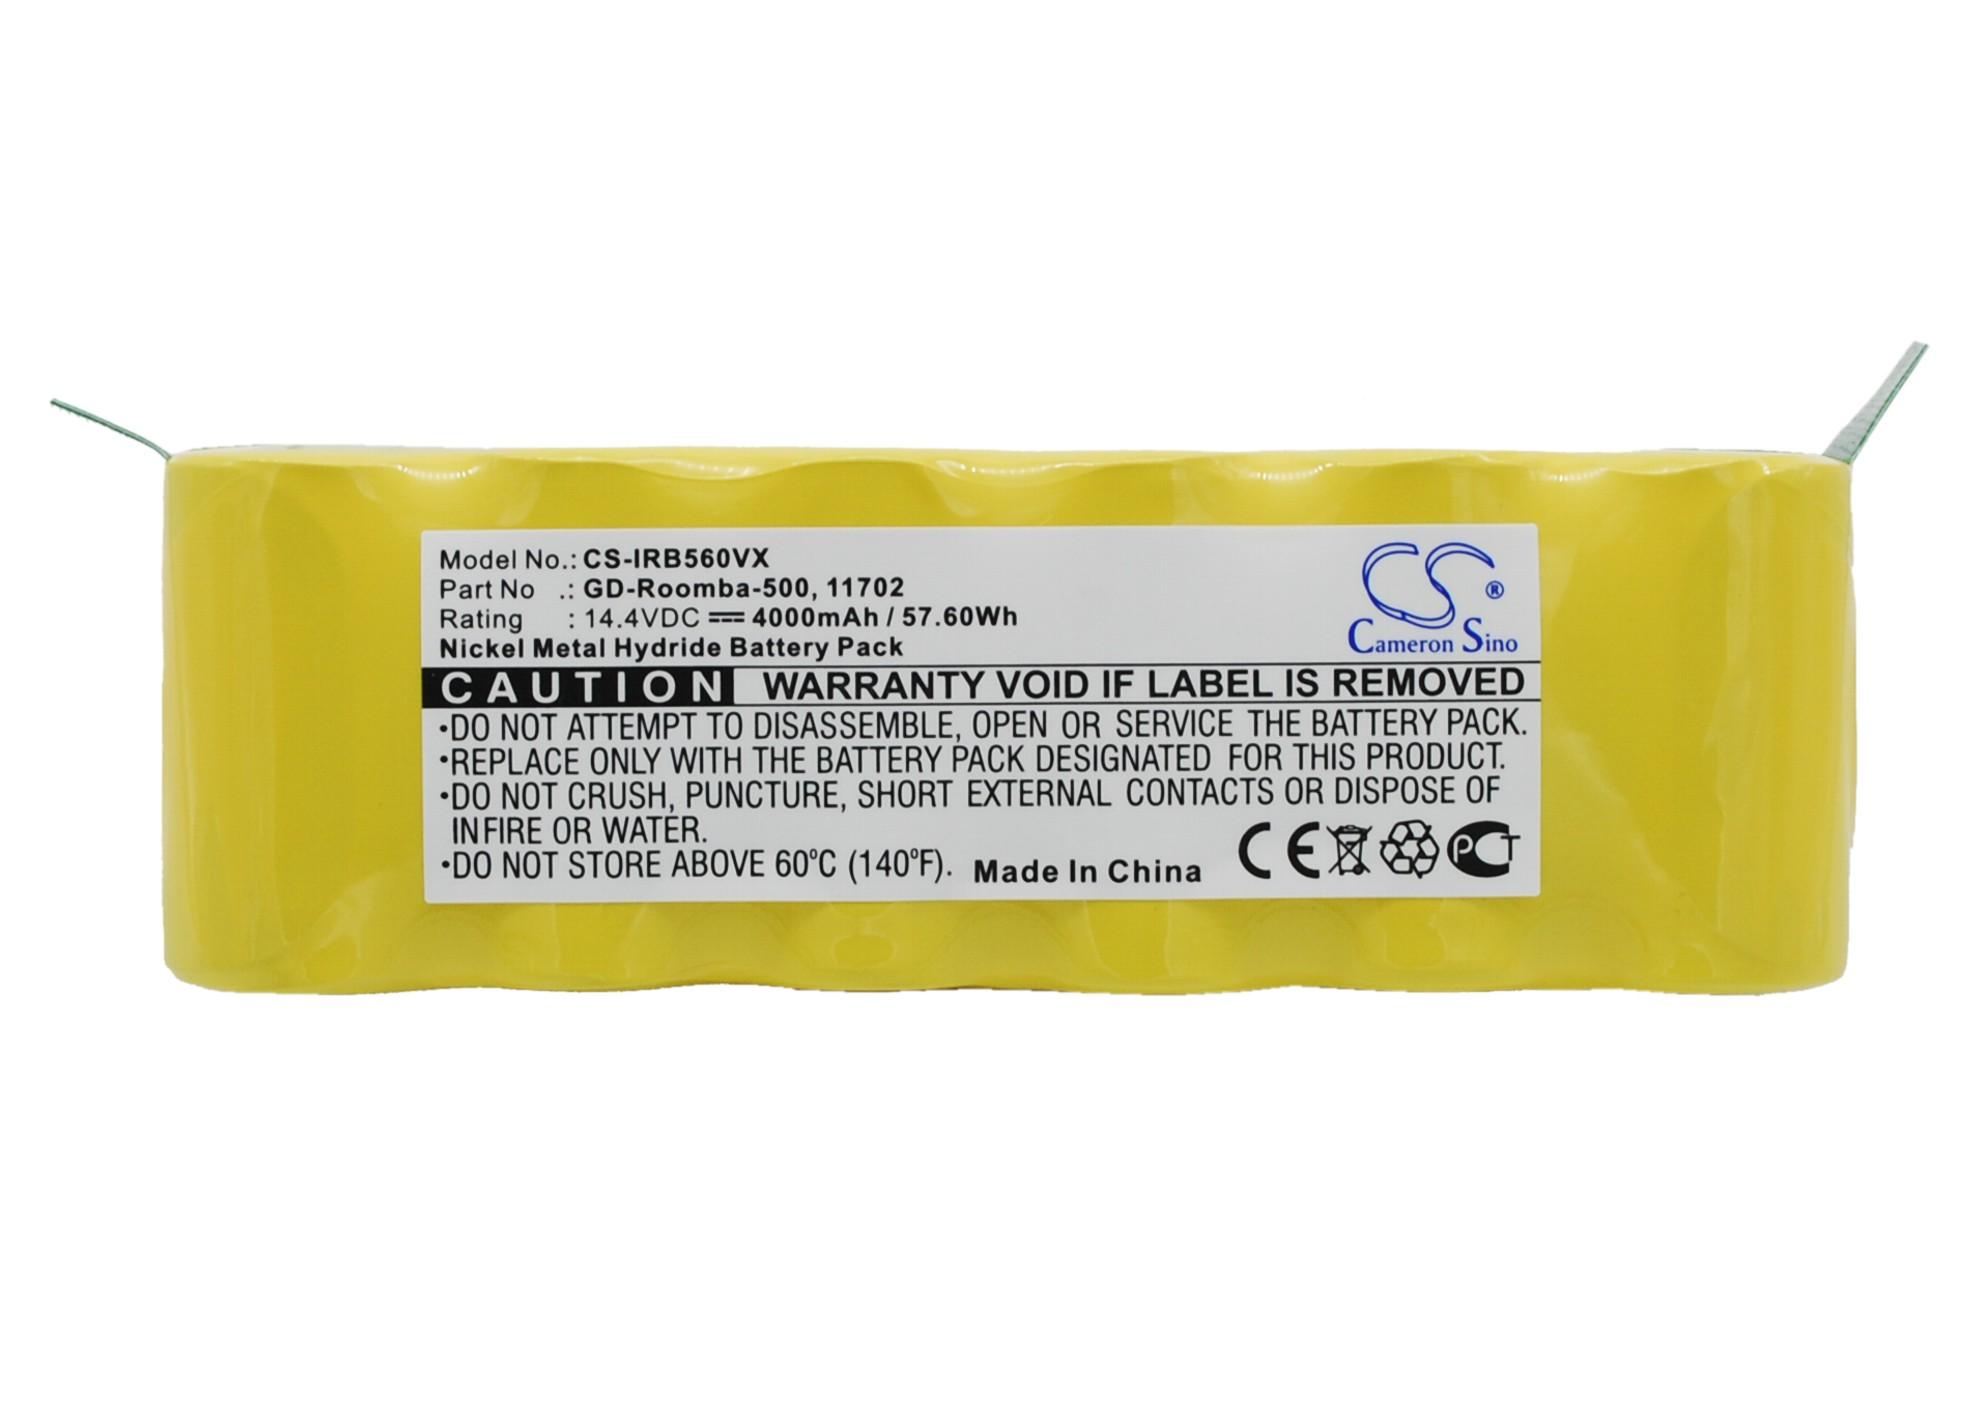 Cameron Sino baterie do vysavačů pro IROBOT Roomba 770 14.4V Ni-MH 4000mAh žlutá - neoriginální